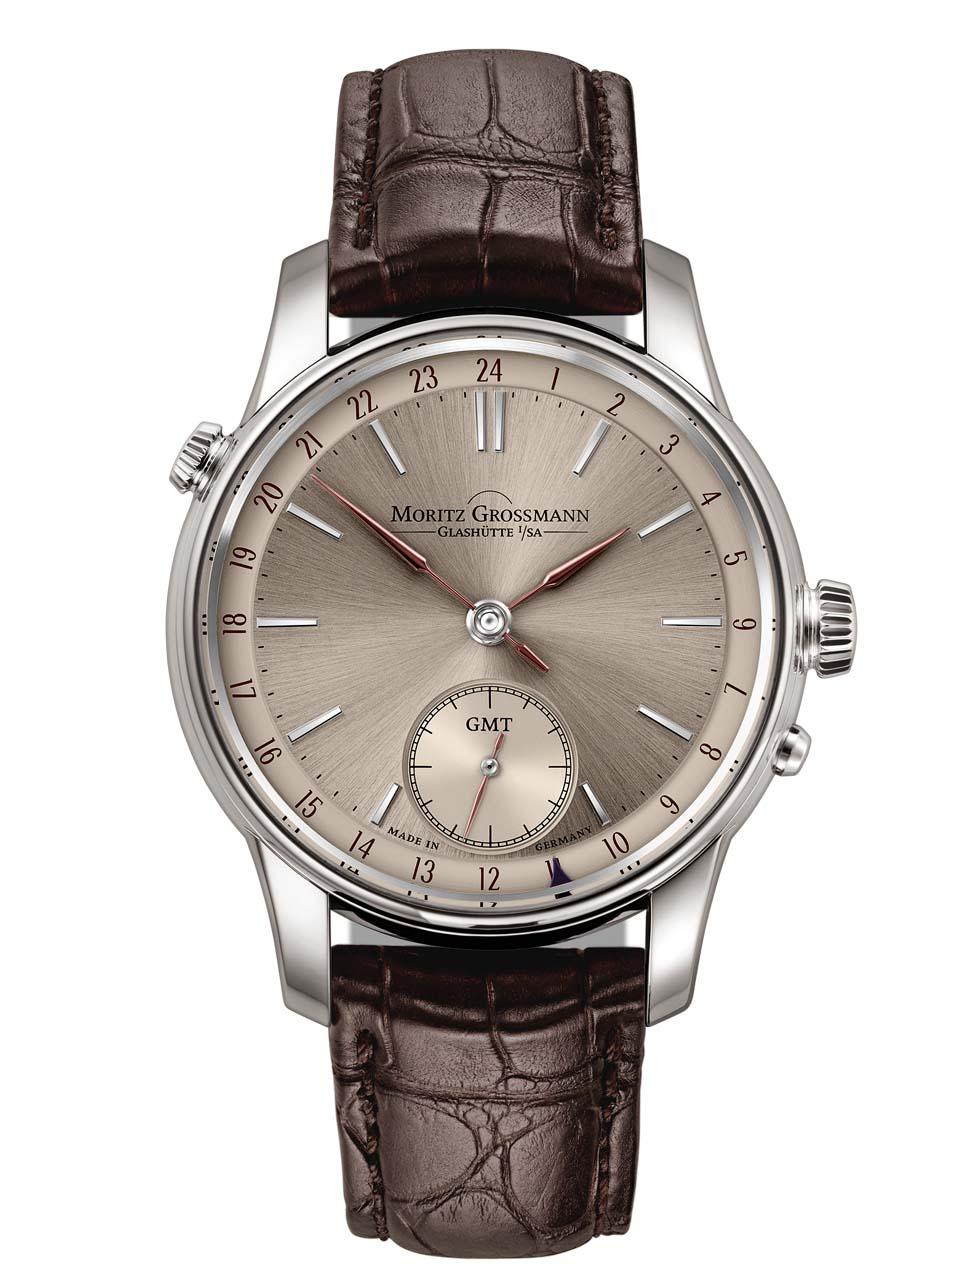 Moritz Grossmann GMT watch